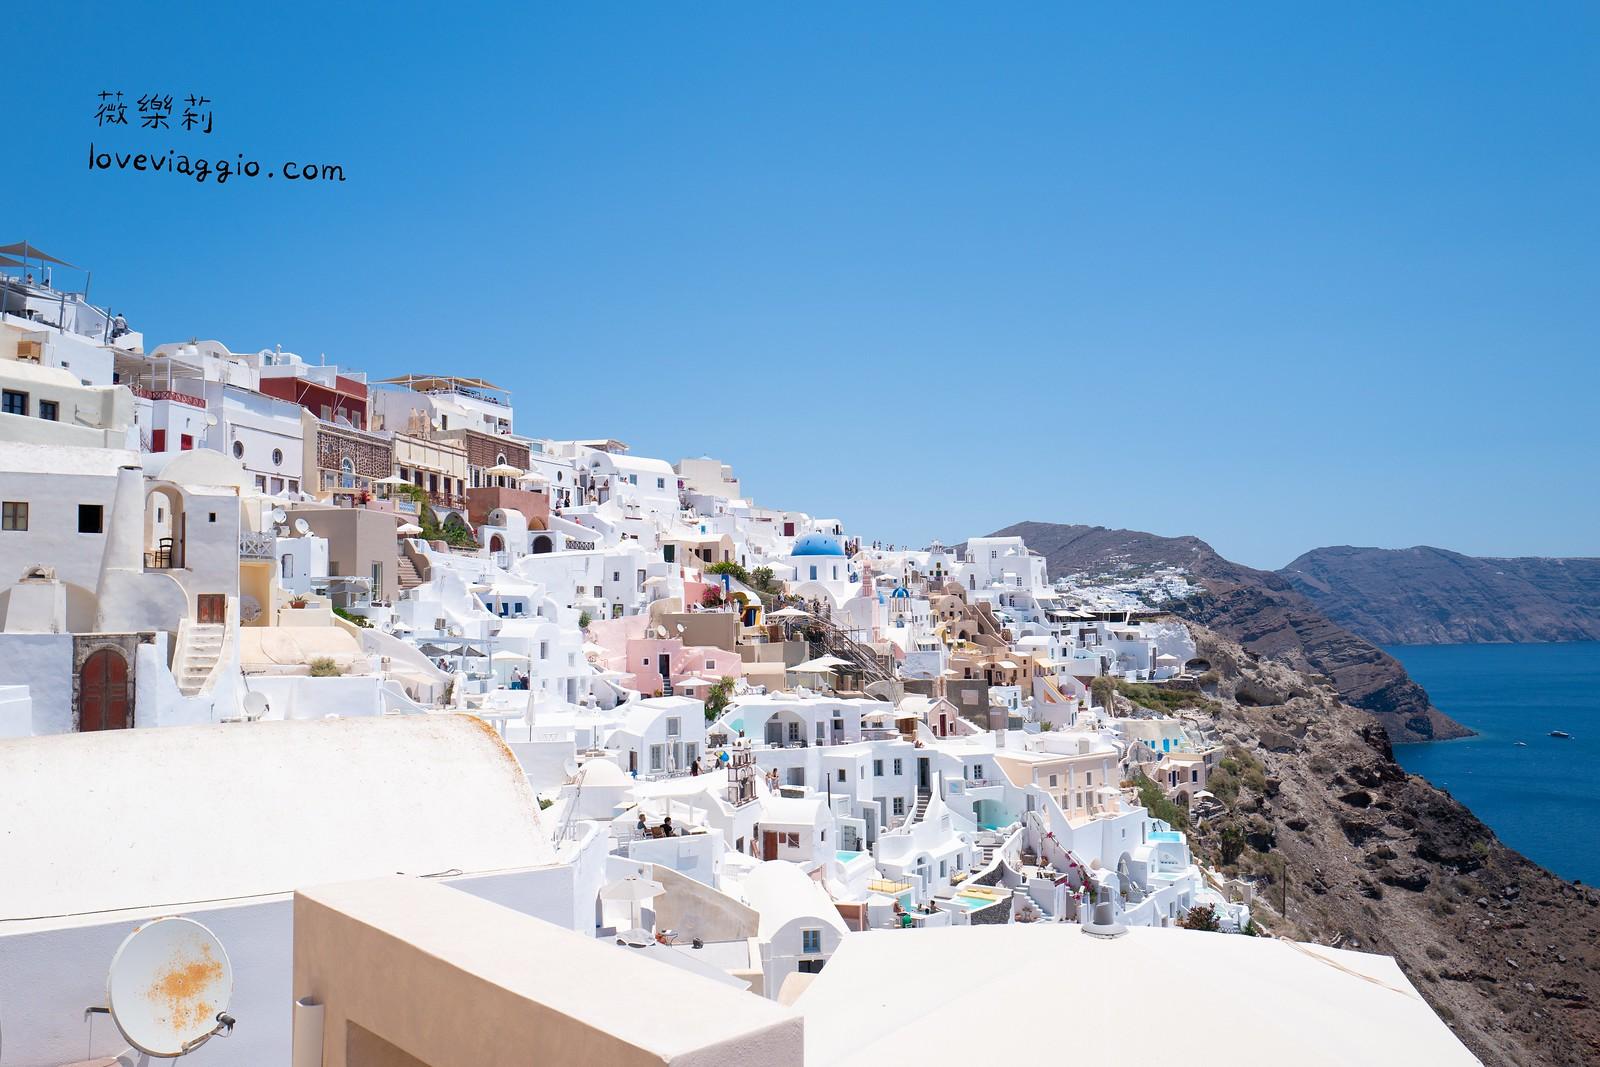 【希臘聖托里尼 Santorini】伊亞Oia 全世界最美的愛琴海小島 @薇樂莉 Love Viaggio   旅行.生活.攝影